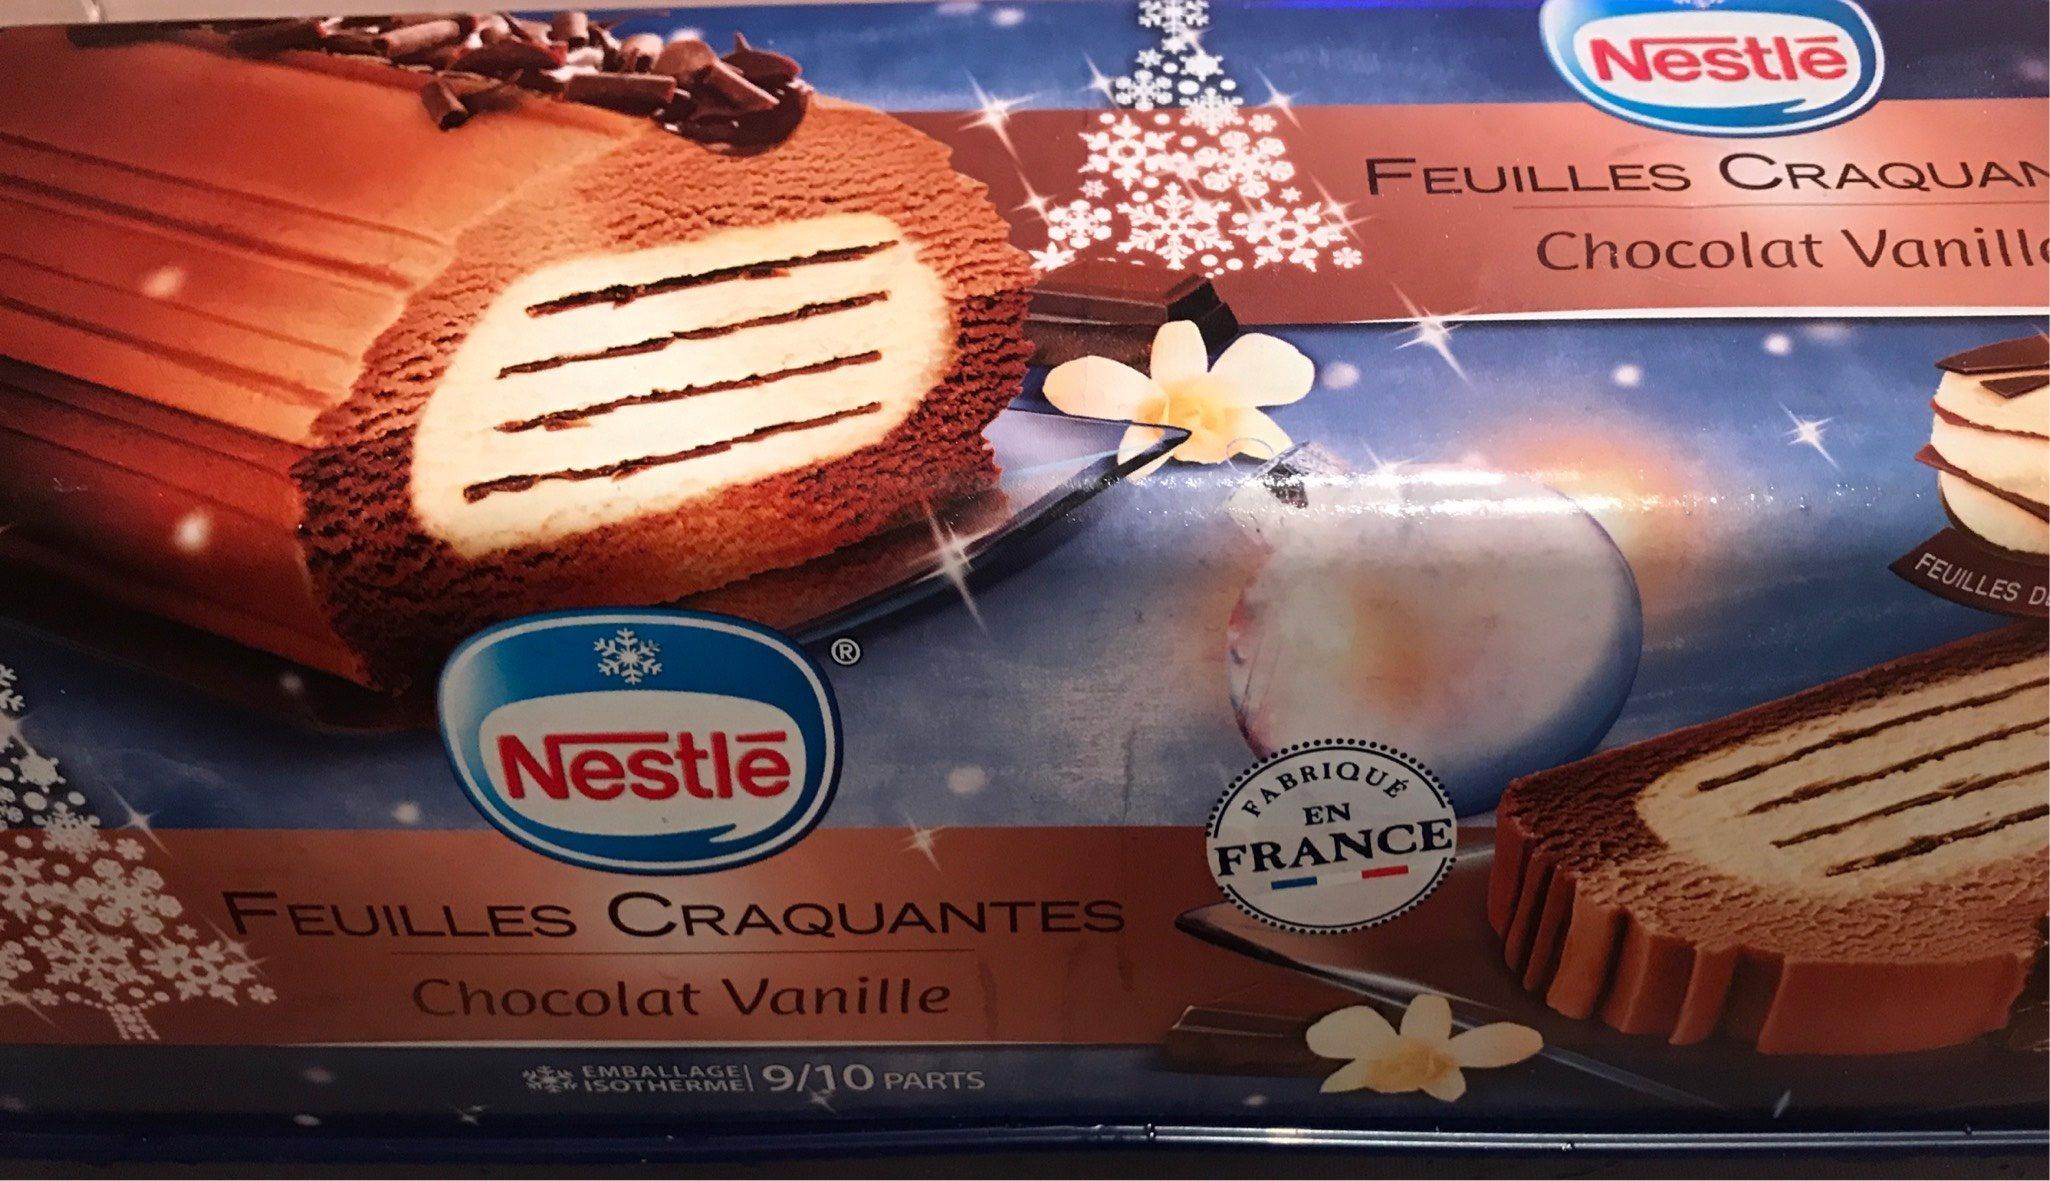 Bûche feuilles craquantes chocolat vanille 1 l - Nutrition facts - fr